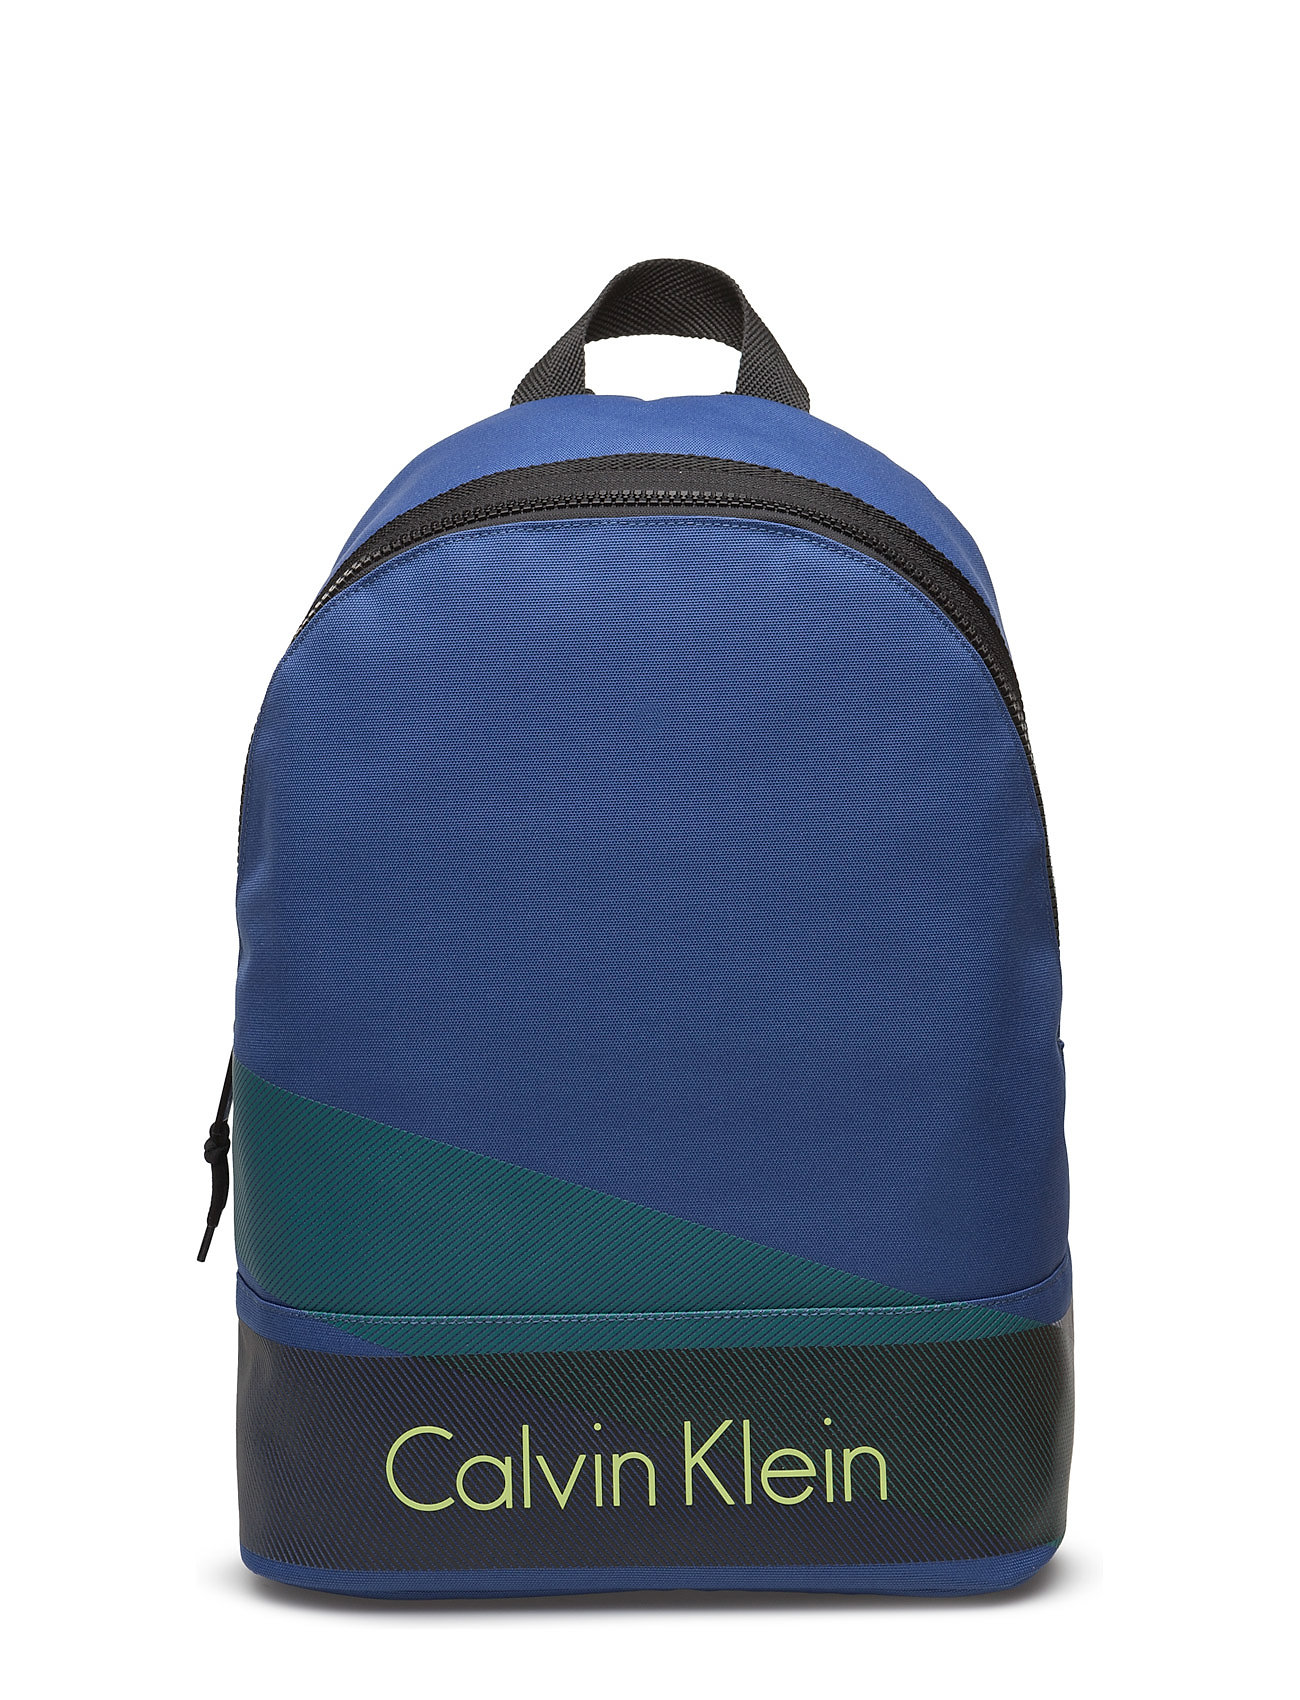 calvin klein Col3 nylon backpack fra boozt.com dk